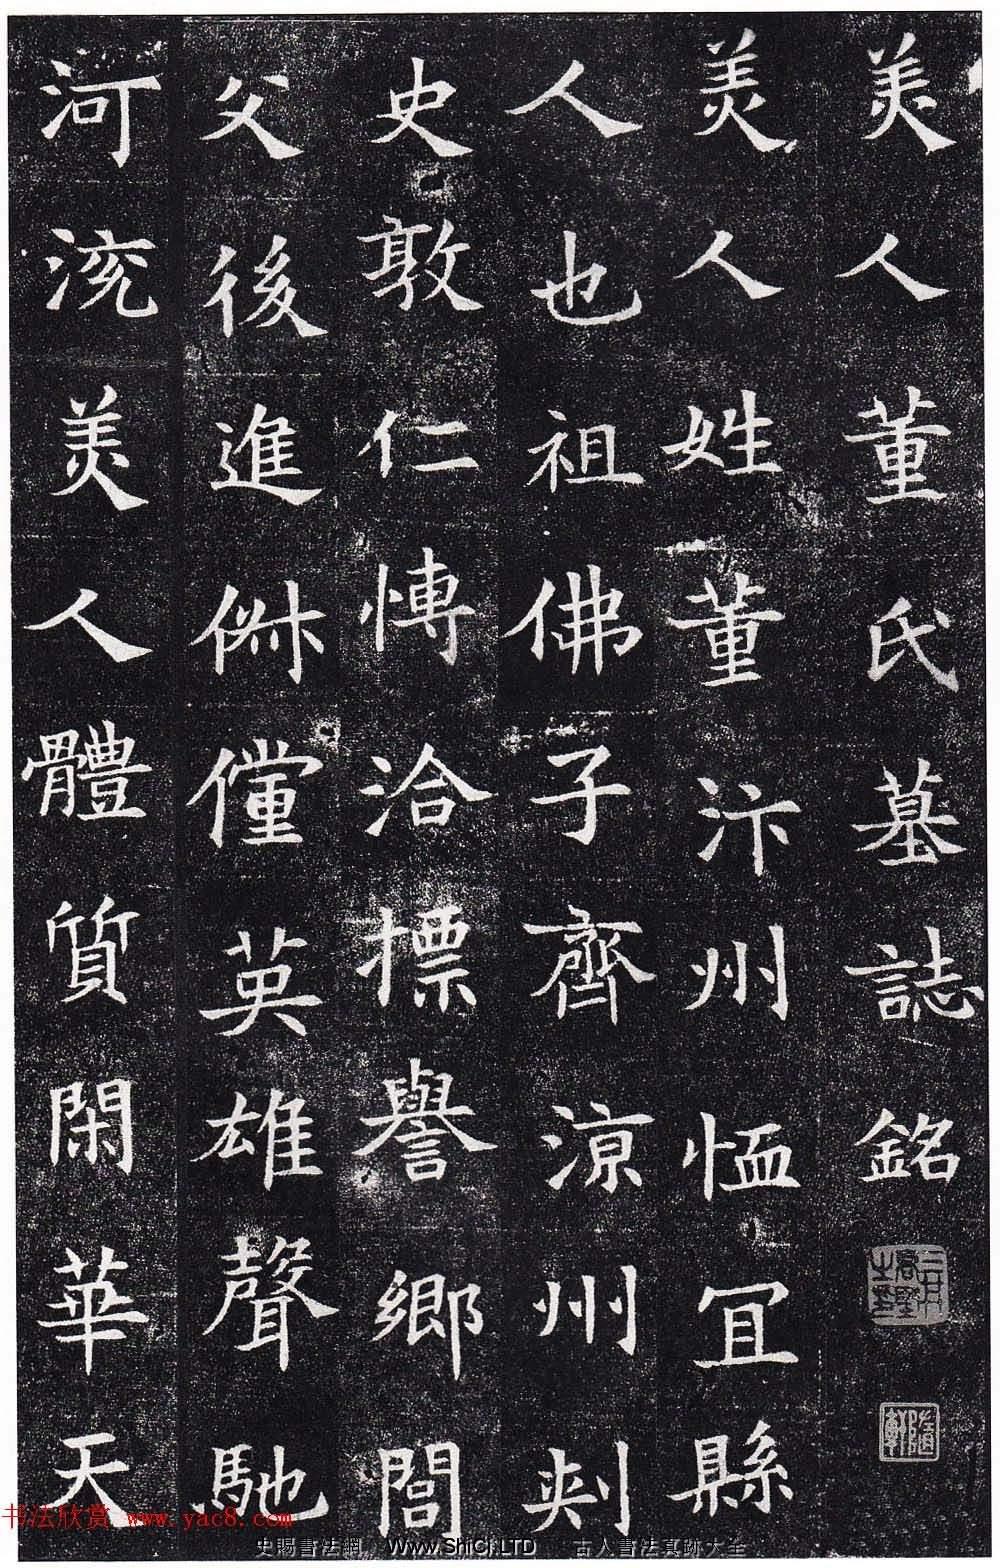 碑刻書法精品字帖《董美人墓誌銘》日本二玄社高清版(共9張圖片)